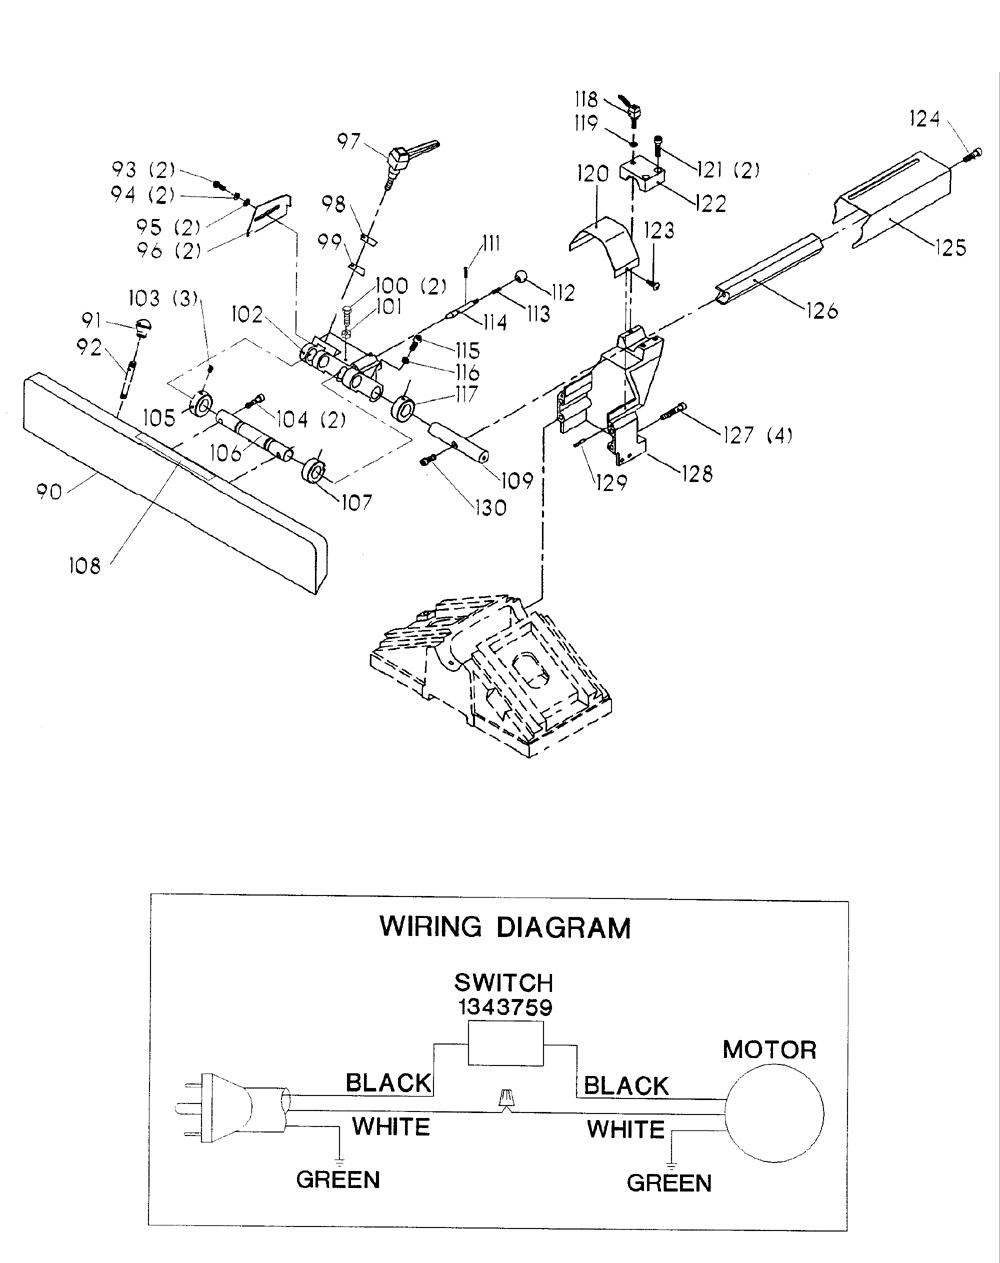 37-190-Delta-T2-PB-1Break Down